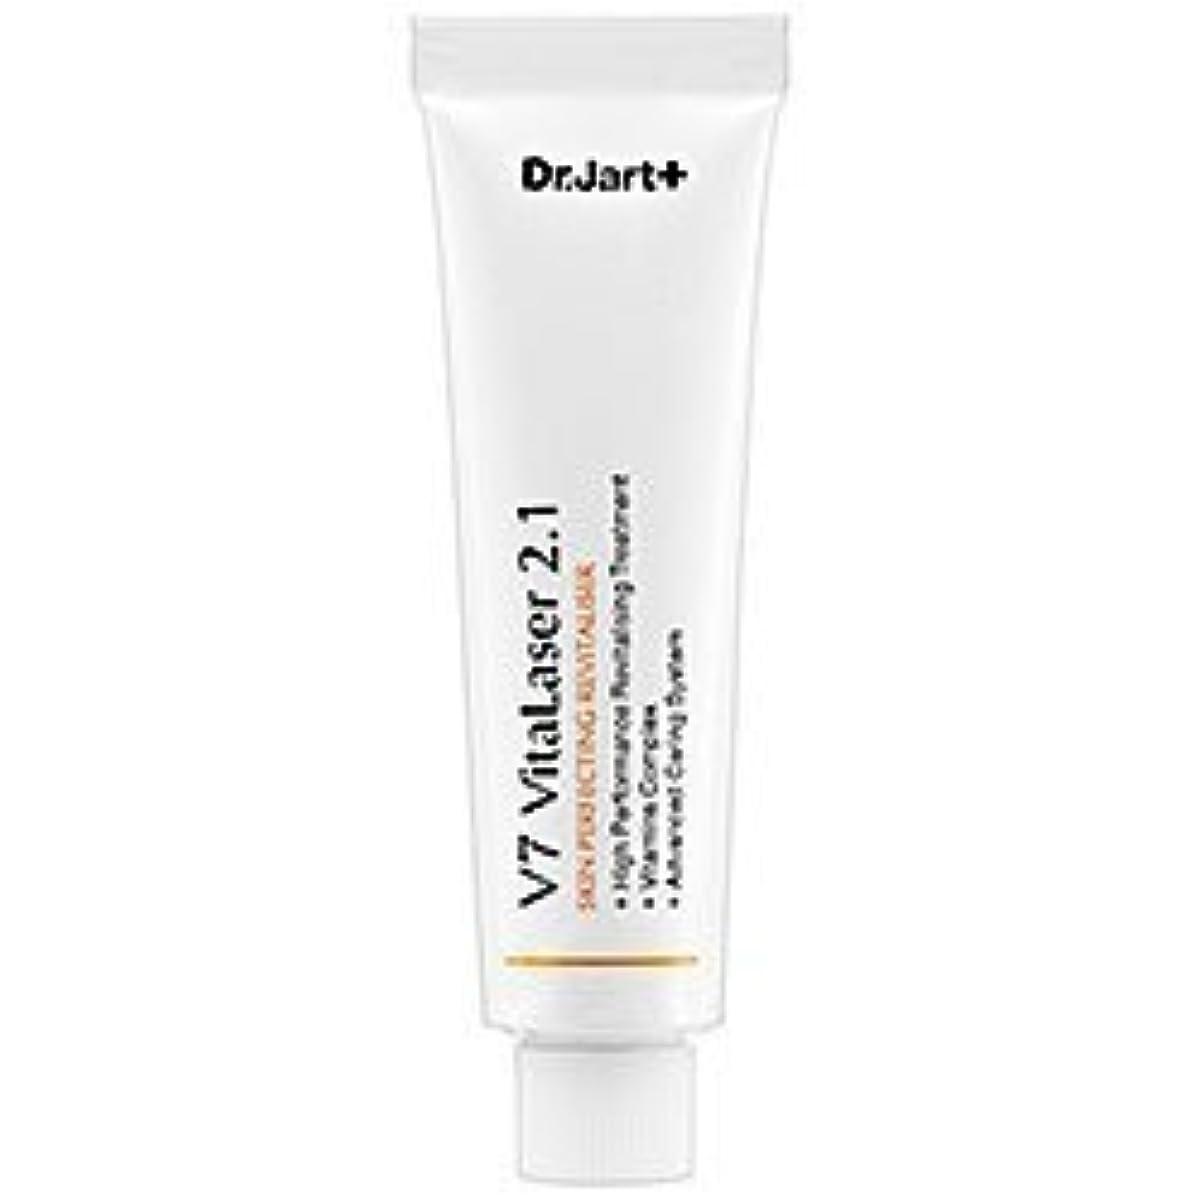 石炭本質的ではない試すDr. Jart+ V7 Vitalaser 2.1 Skin Moisturizer 30 ml [並行輸入品]